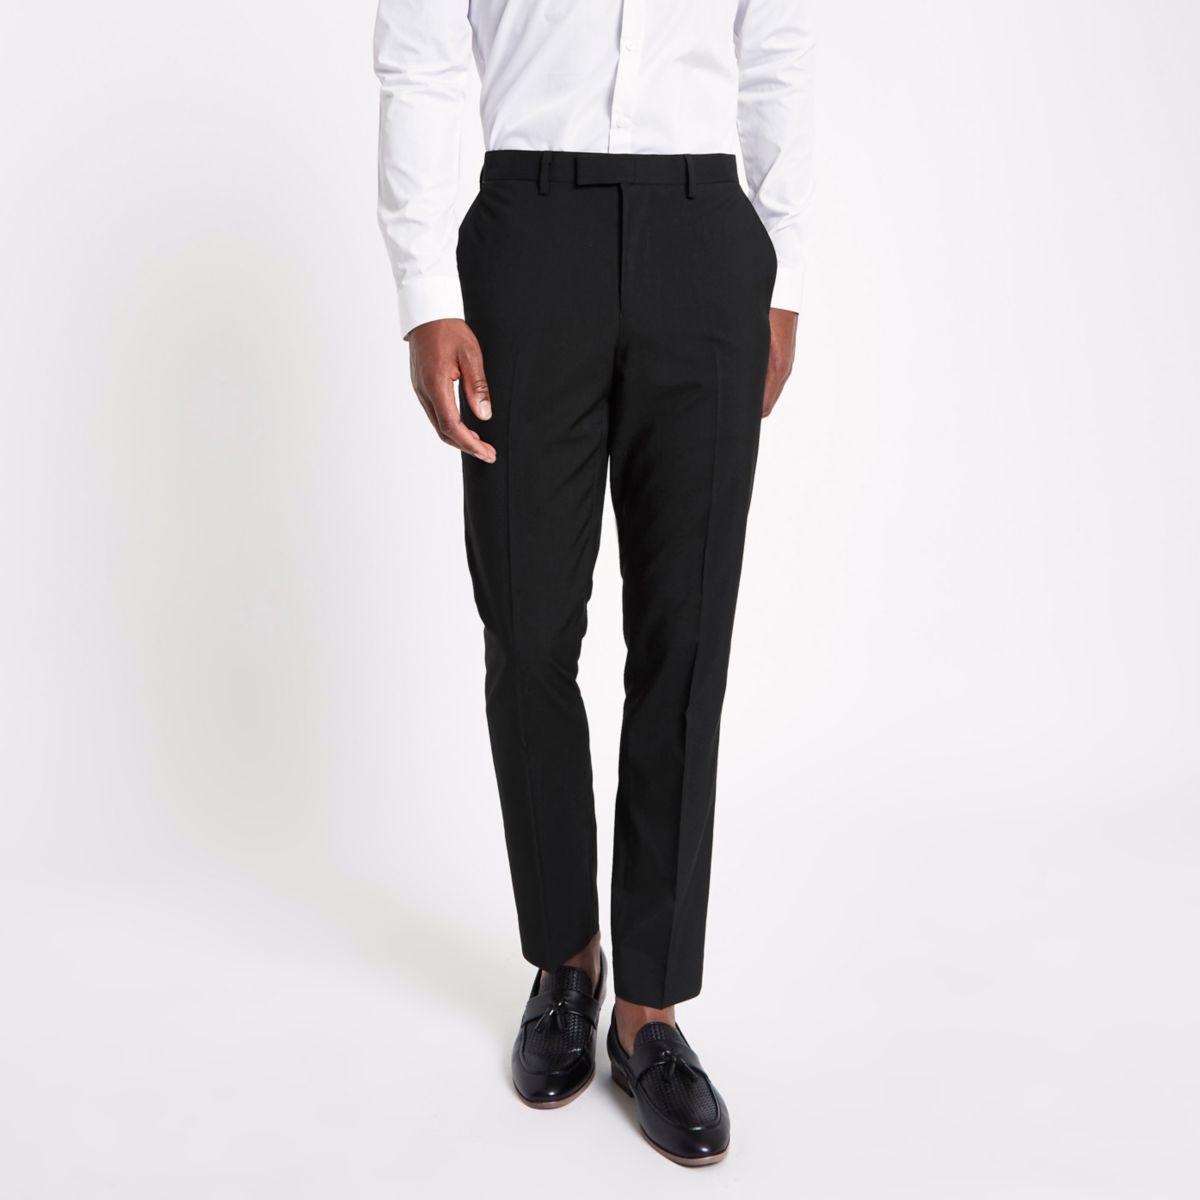 Schwarzer, schmaler Anzug